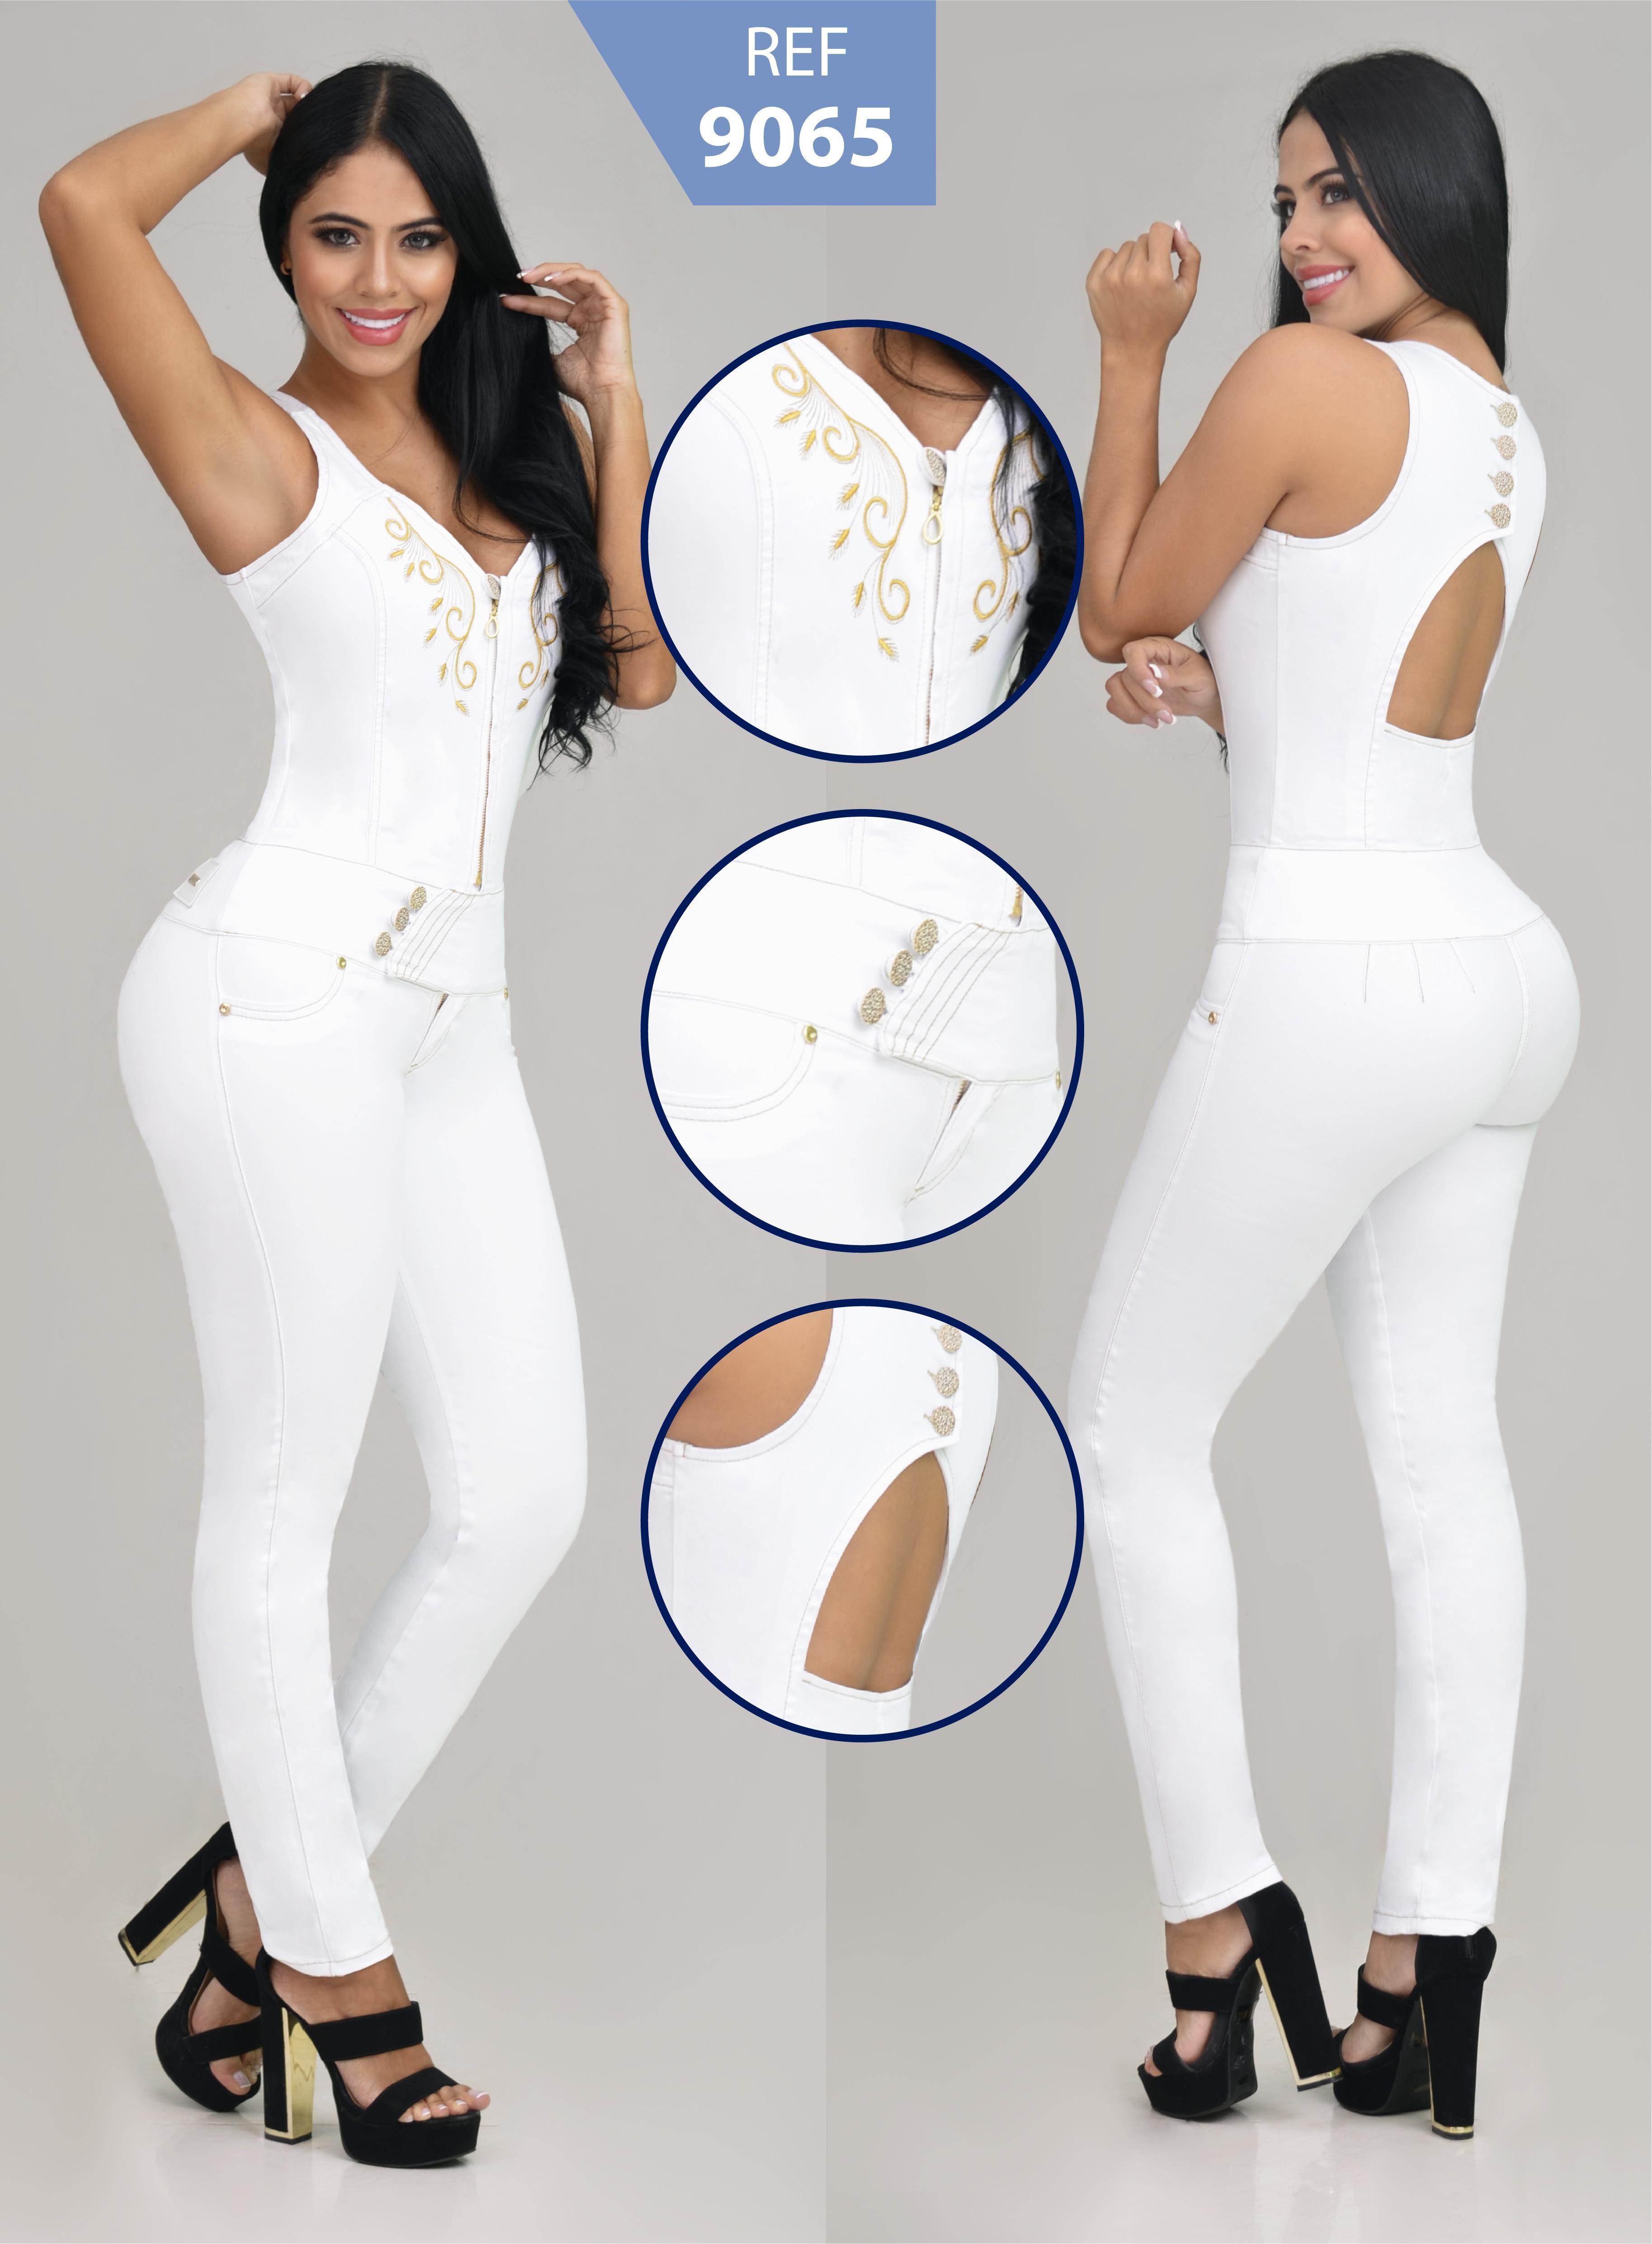 Enterizo Colombiano de Moda Con parte de la Espalda Descubierta y los hombros al aire libre, cierre frontal con cremallera y fantástico Diseño Levanta Cola.